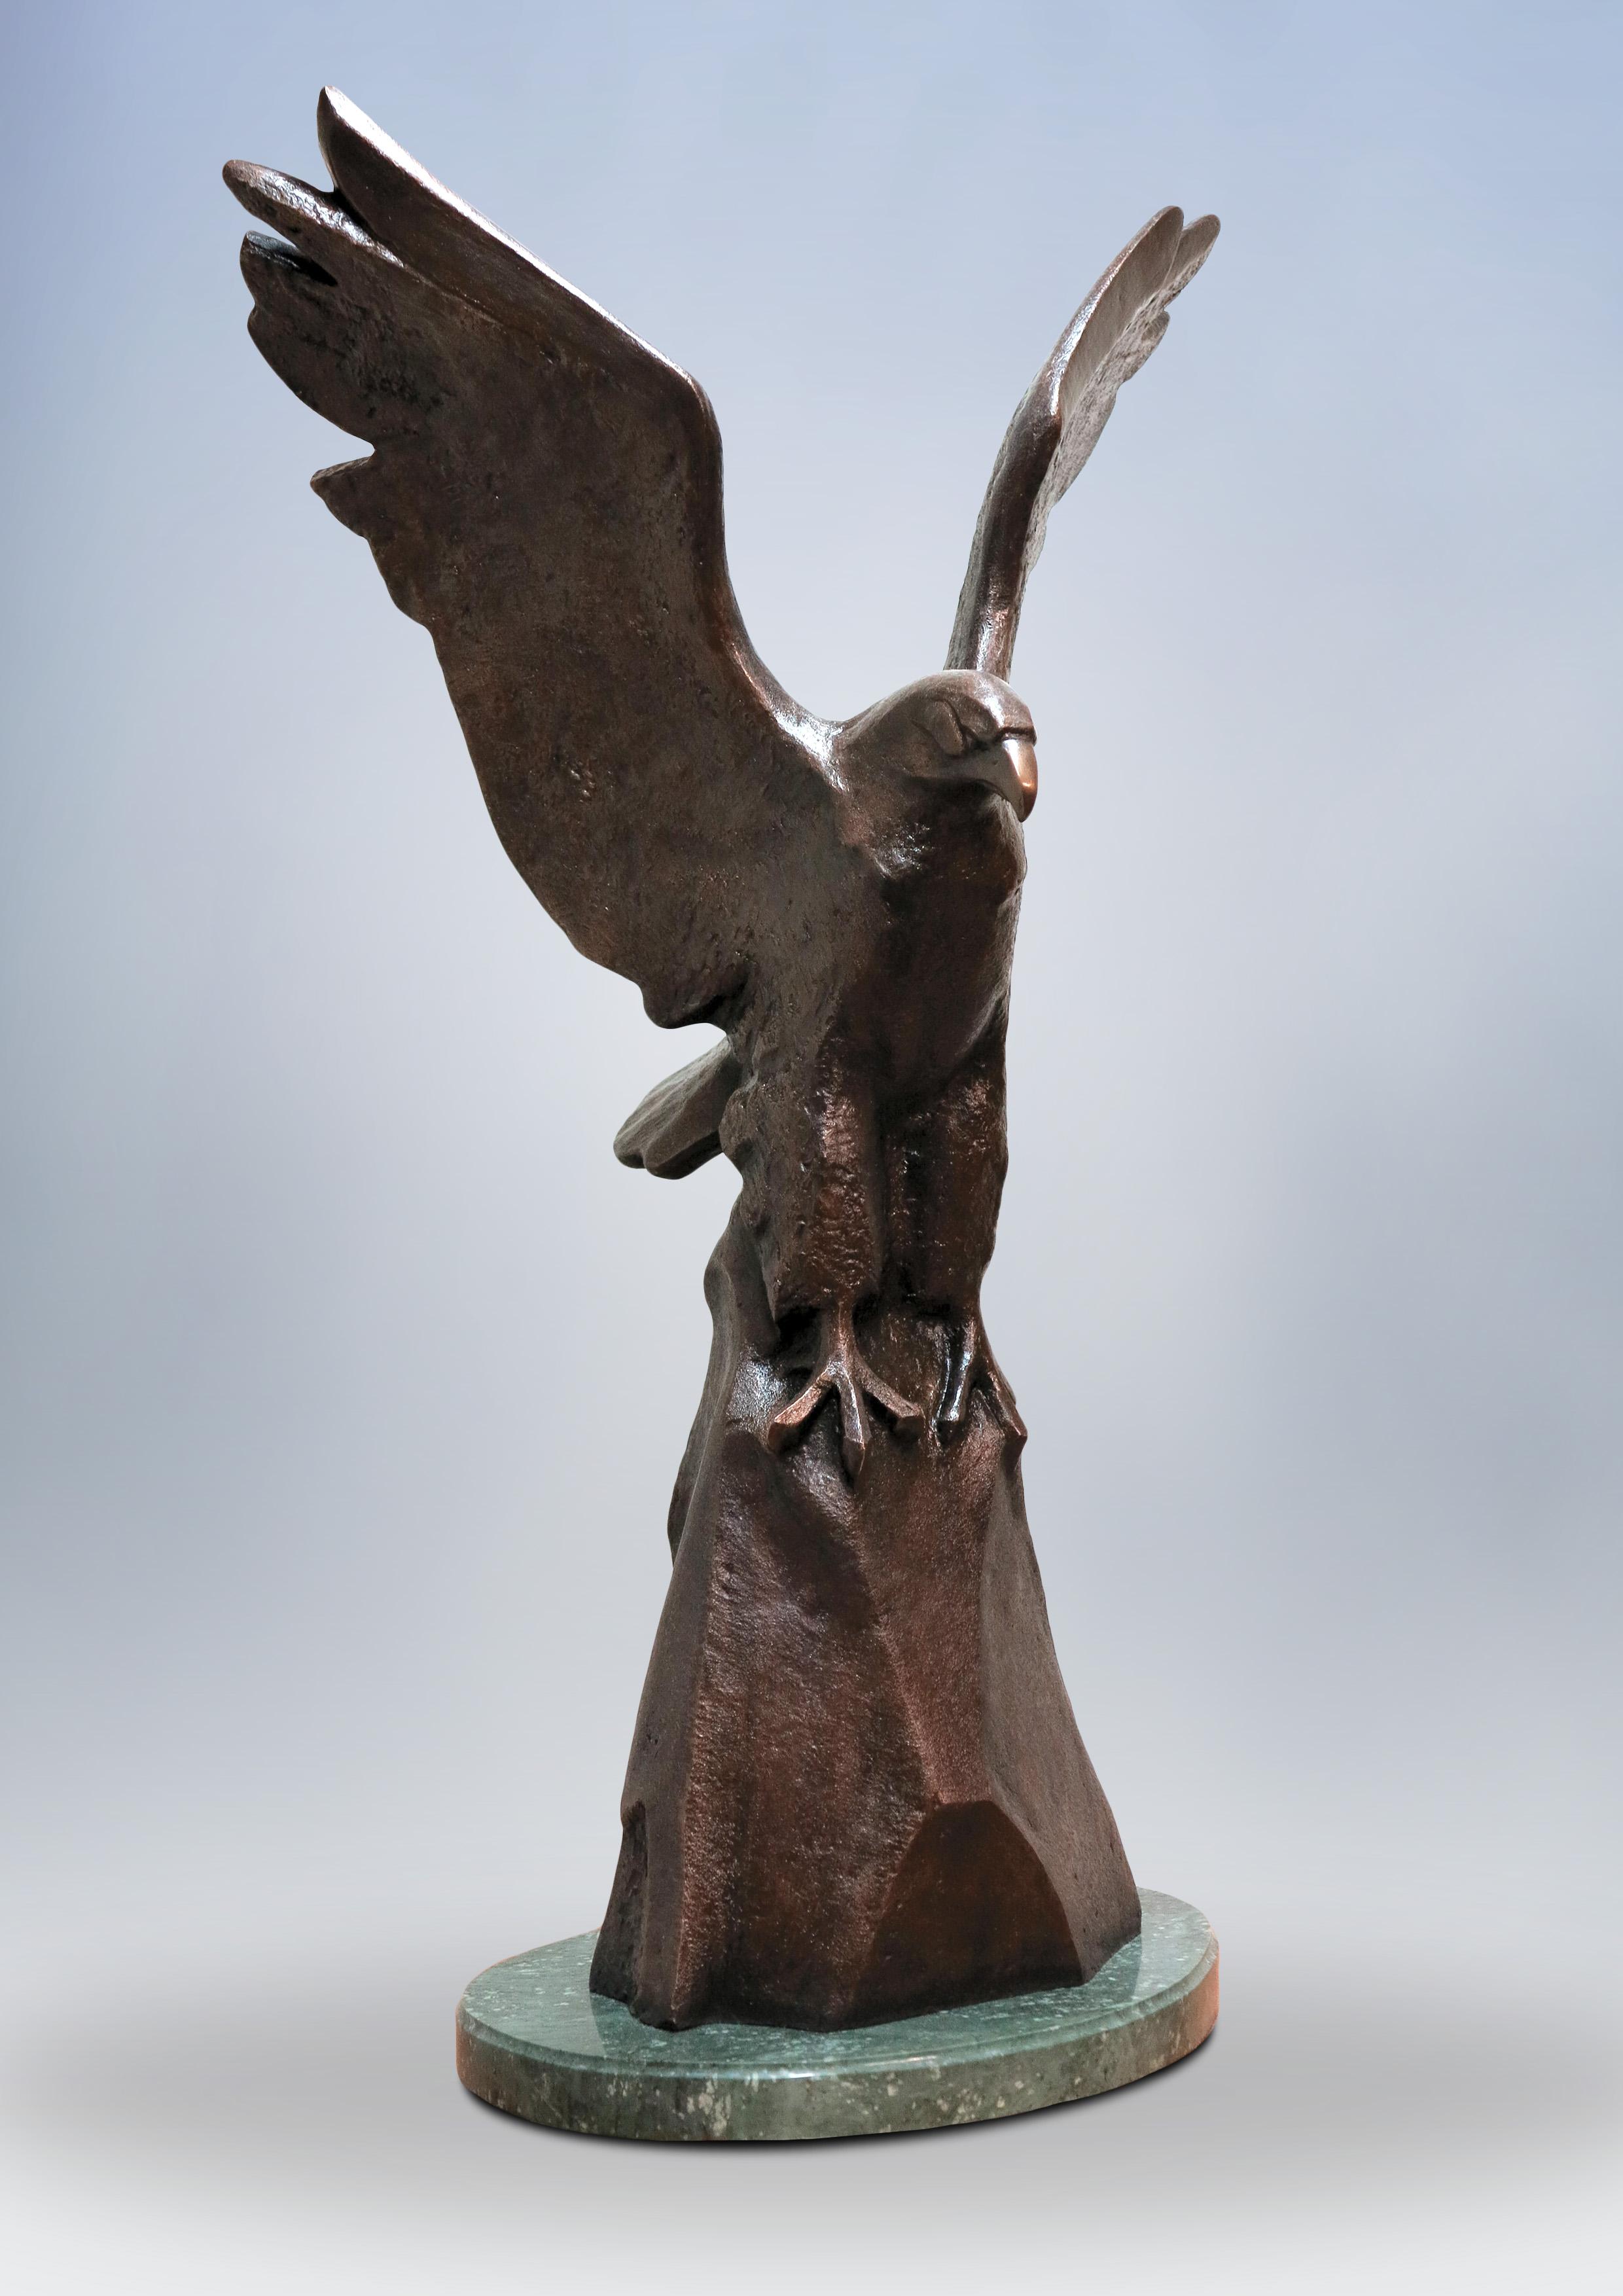 анималистические скульптуры